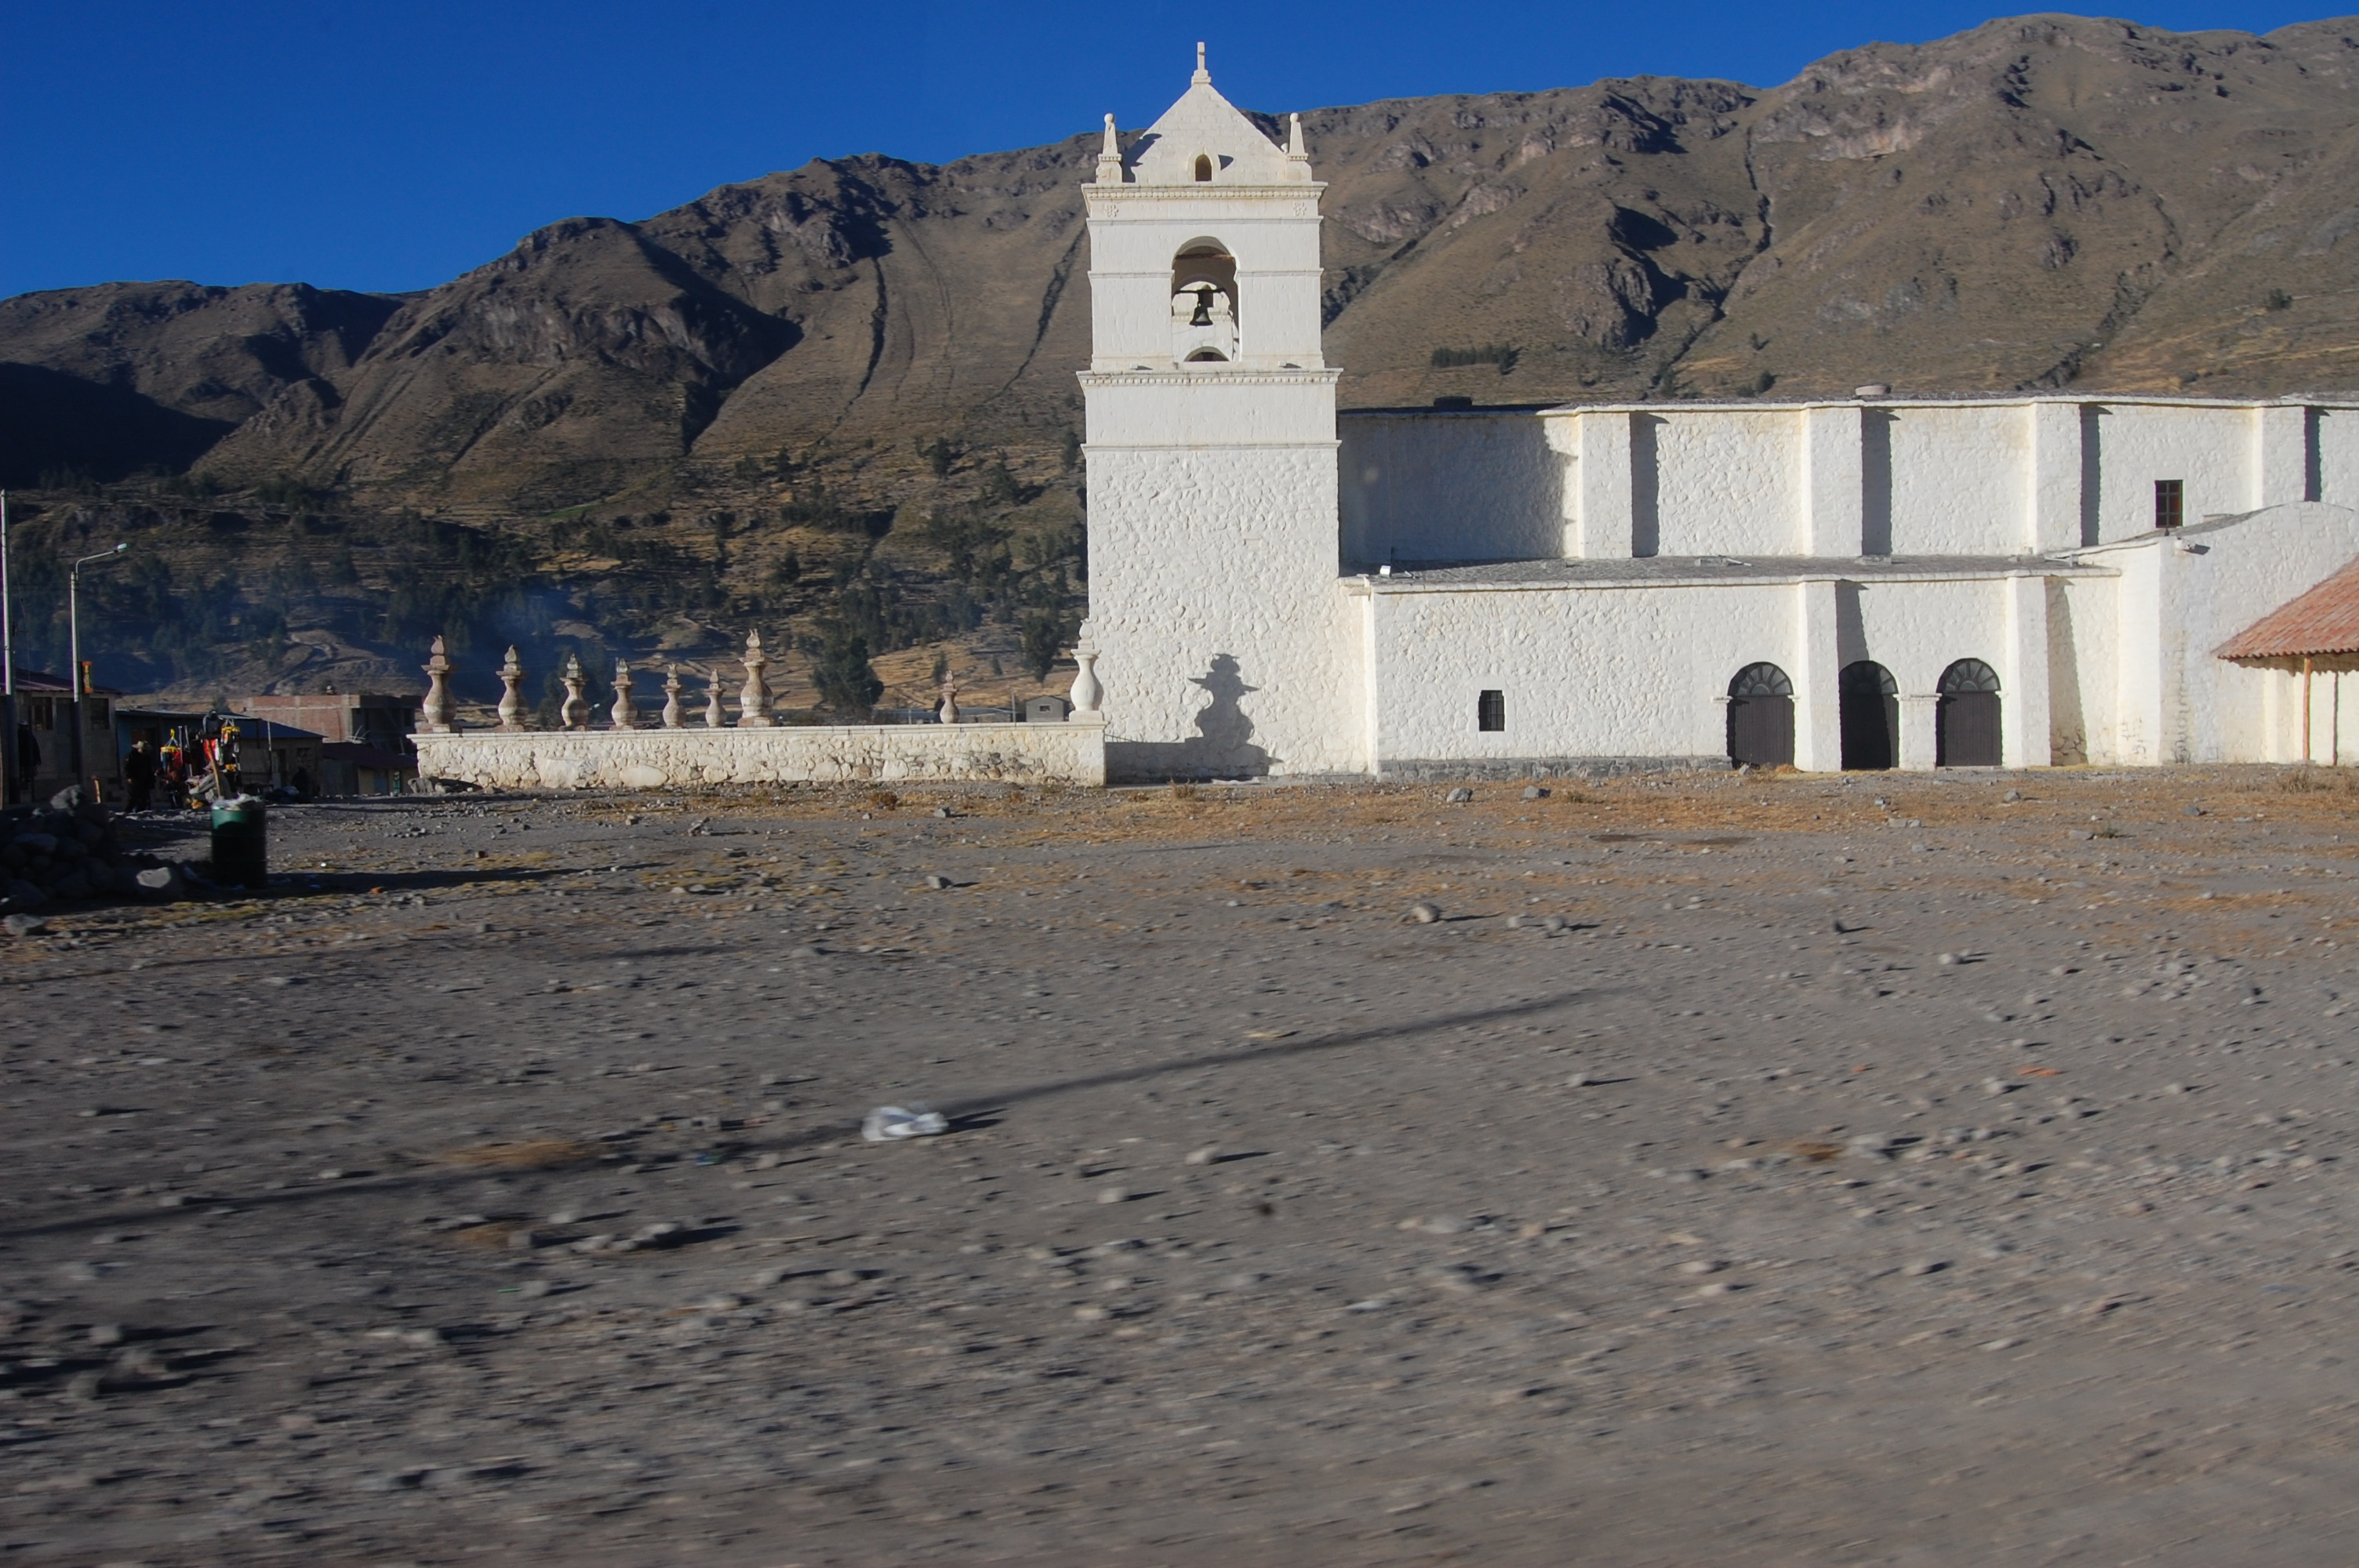 Beautiful church outside of Chivay